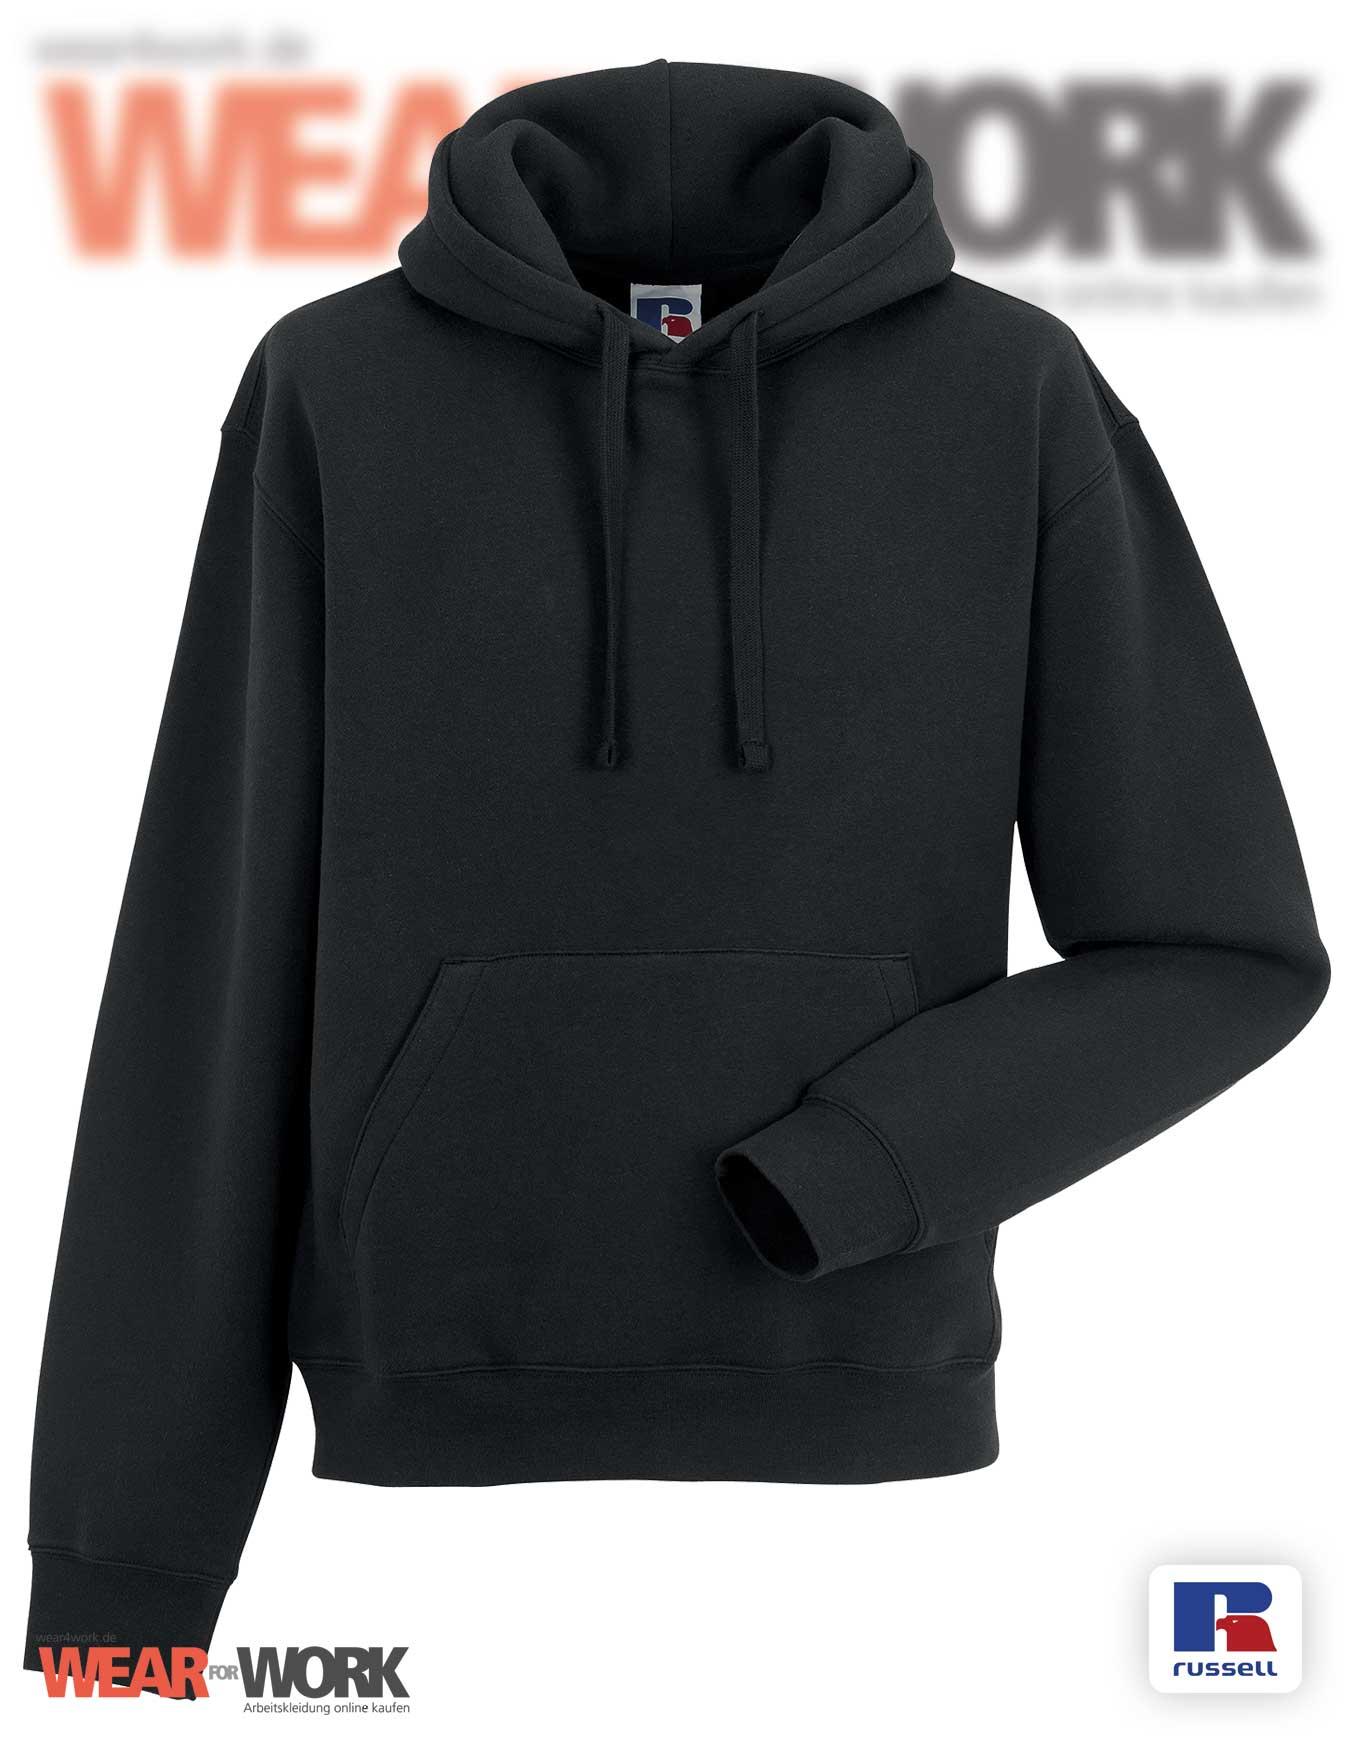 e9744f9937 Hooded Workwear Sweatshirt schwarz   Russell R-265M black